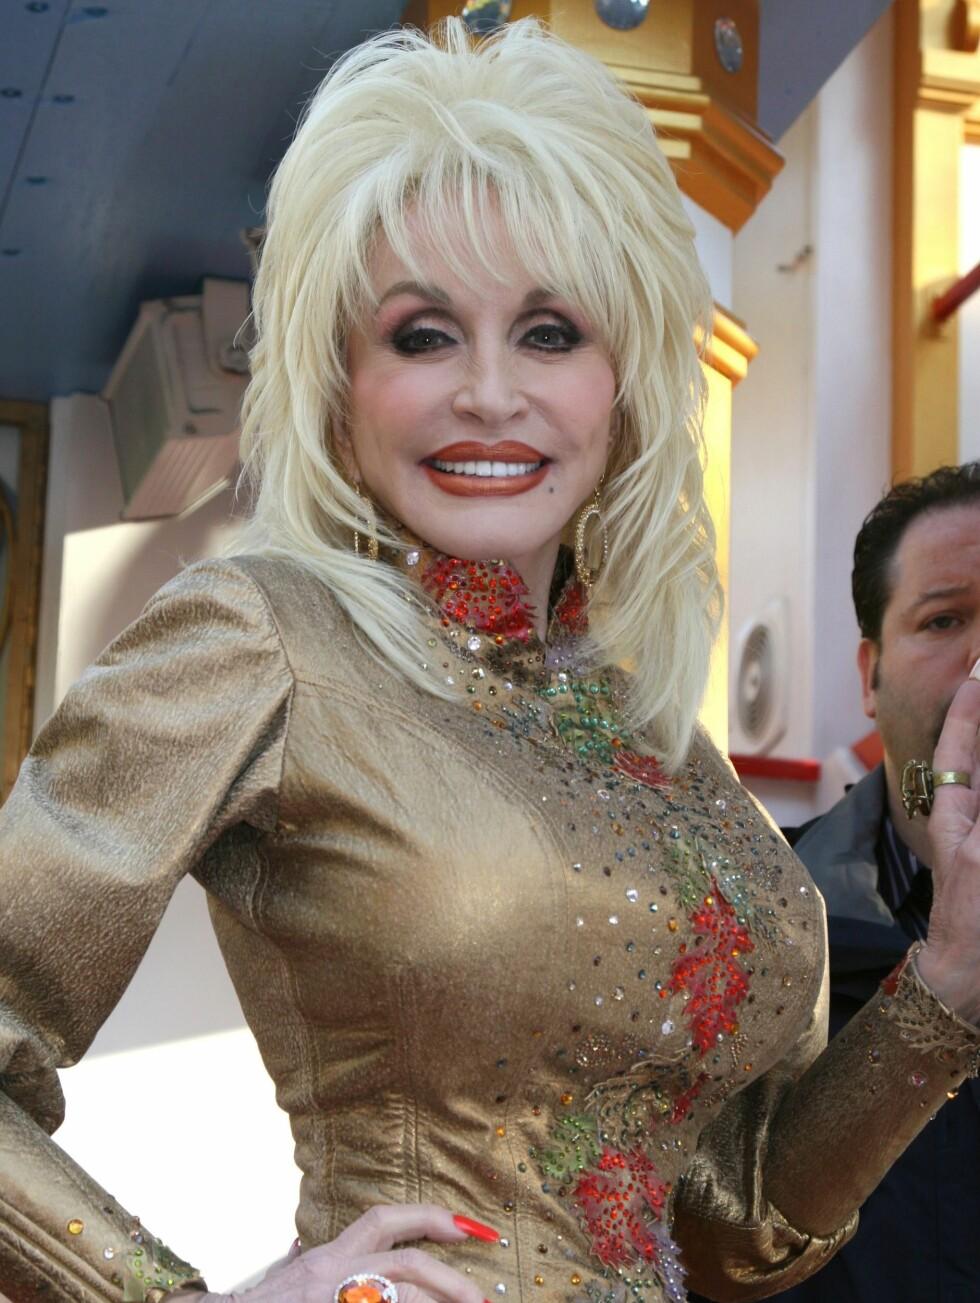 7. Dolly PartonDolly Parton sier at puppene hennes er mer berømte enn hun selv. Den 62-år gamle sangeren og låtskriveren skal også ha sagt følgende: «Brystene mine har tjent meg godt – jeg vet ikke om det er jeg som støtter dem eller om det er de som støtter meg».Hvor innprentet Partons digre frontparti er i populærkulturen, ble tydelig da til og med den klonede sauen Dolly ble oppkalt etter henne. Hvorfor? Fordi dyret ble kunstig konstruert ut av melkekjertler. Parton har en god porsjon selvironi når det kommer til sine enorme bryster, og skal blant annet ha uttalt: «Jepp, de er mine! Kjøpt og betalt!» Foto: All Over Press